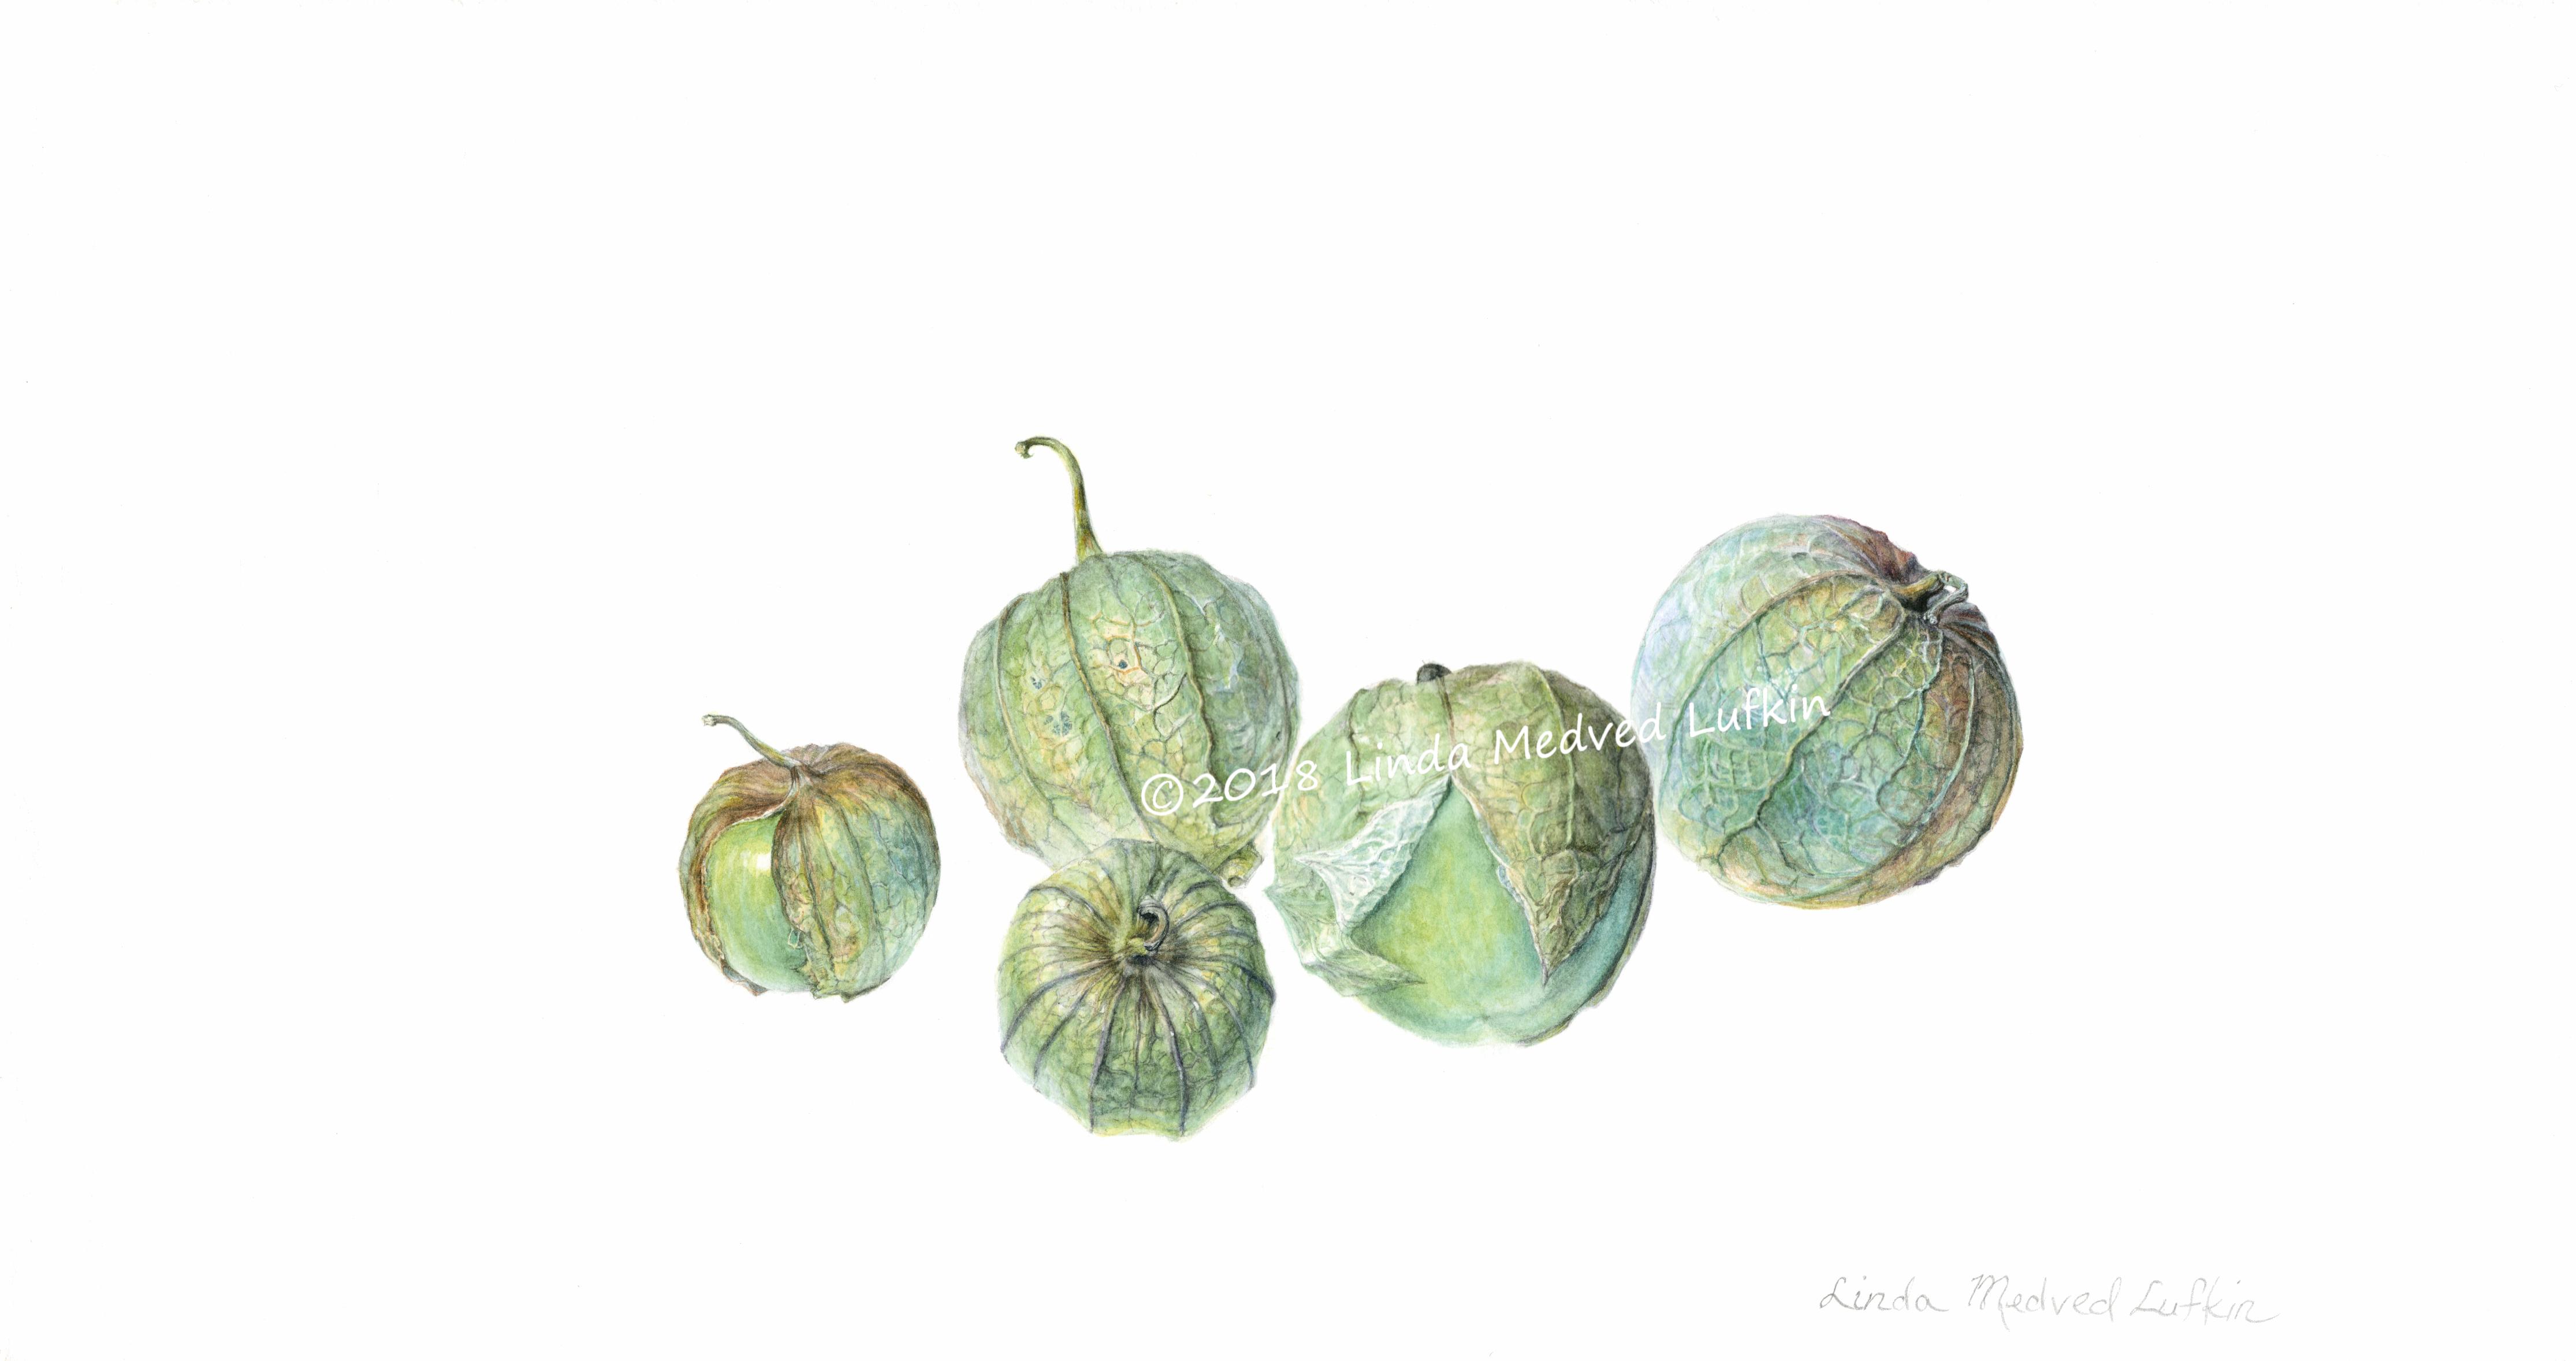 Tomatilloes